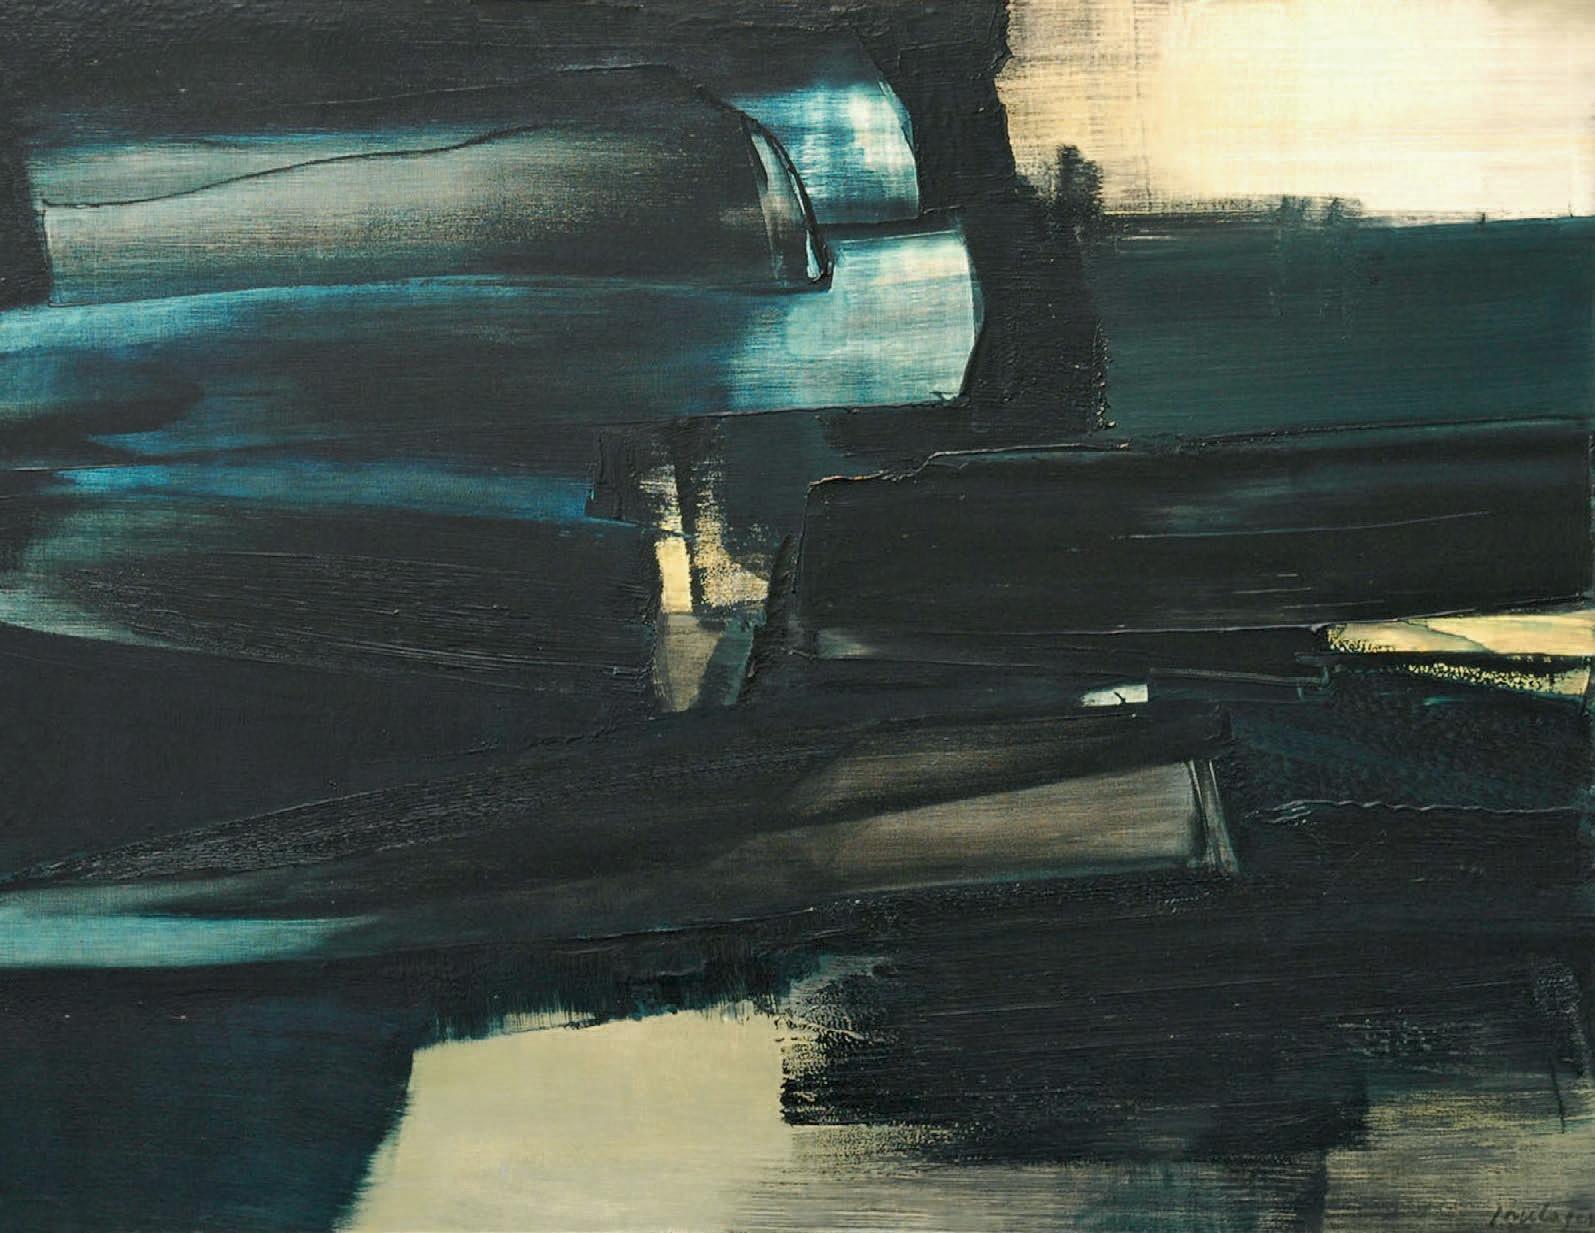 Pierre Soulages, Peinture, 1962, huile sur toile, 97 x 130 cm.Versailles, 25 juin 2006.Versailles Enchères SVV.491 000 € frais compris.